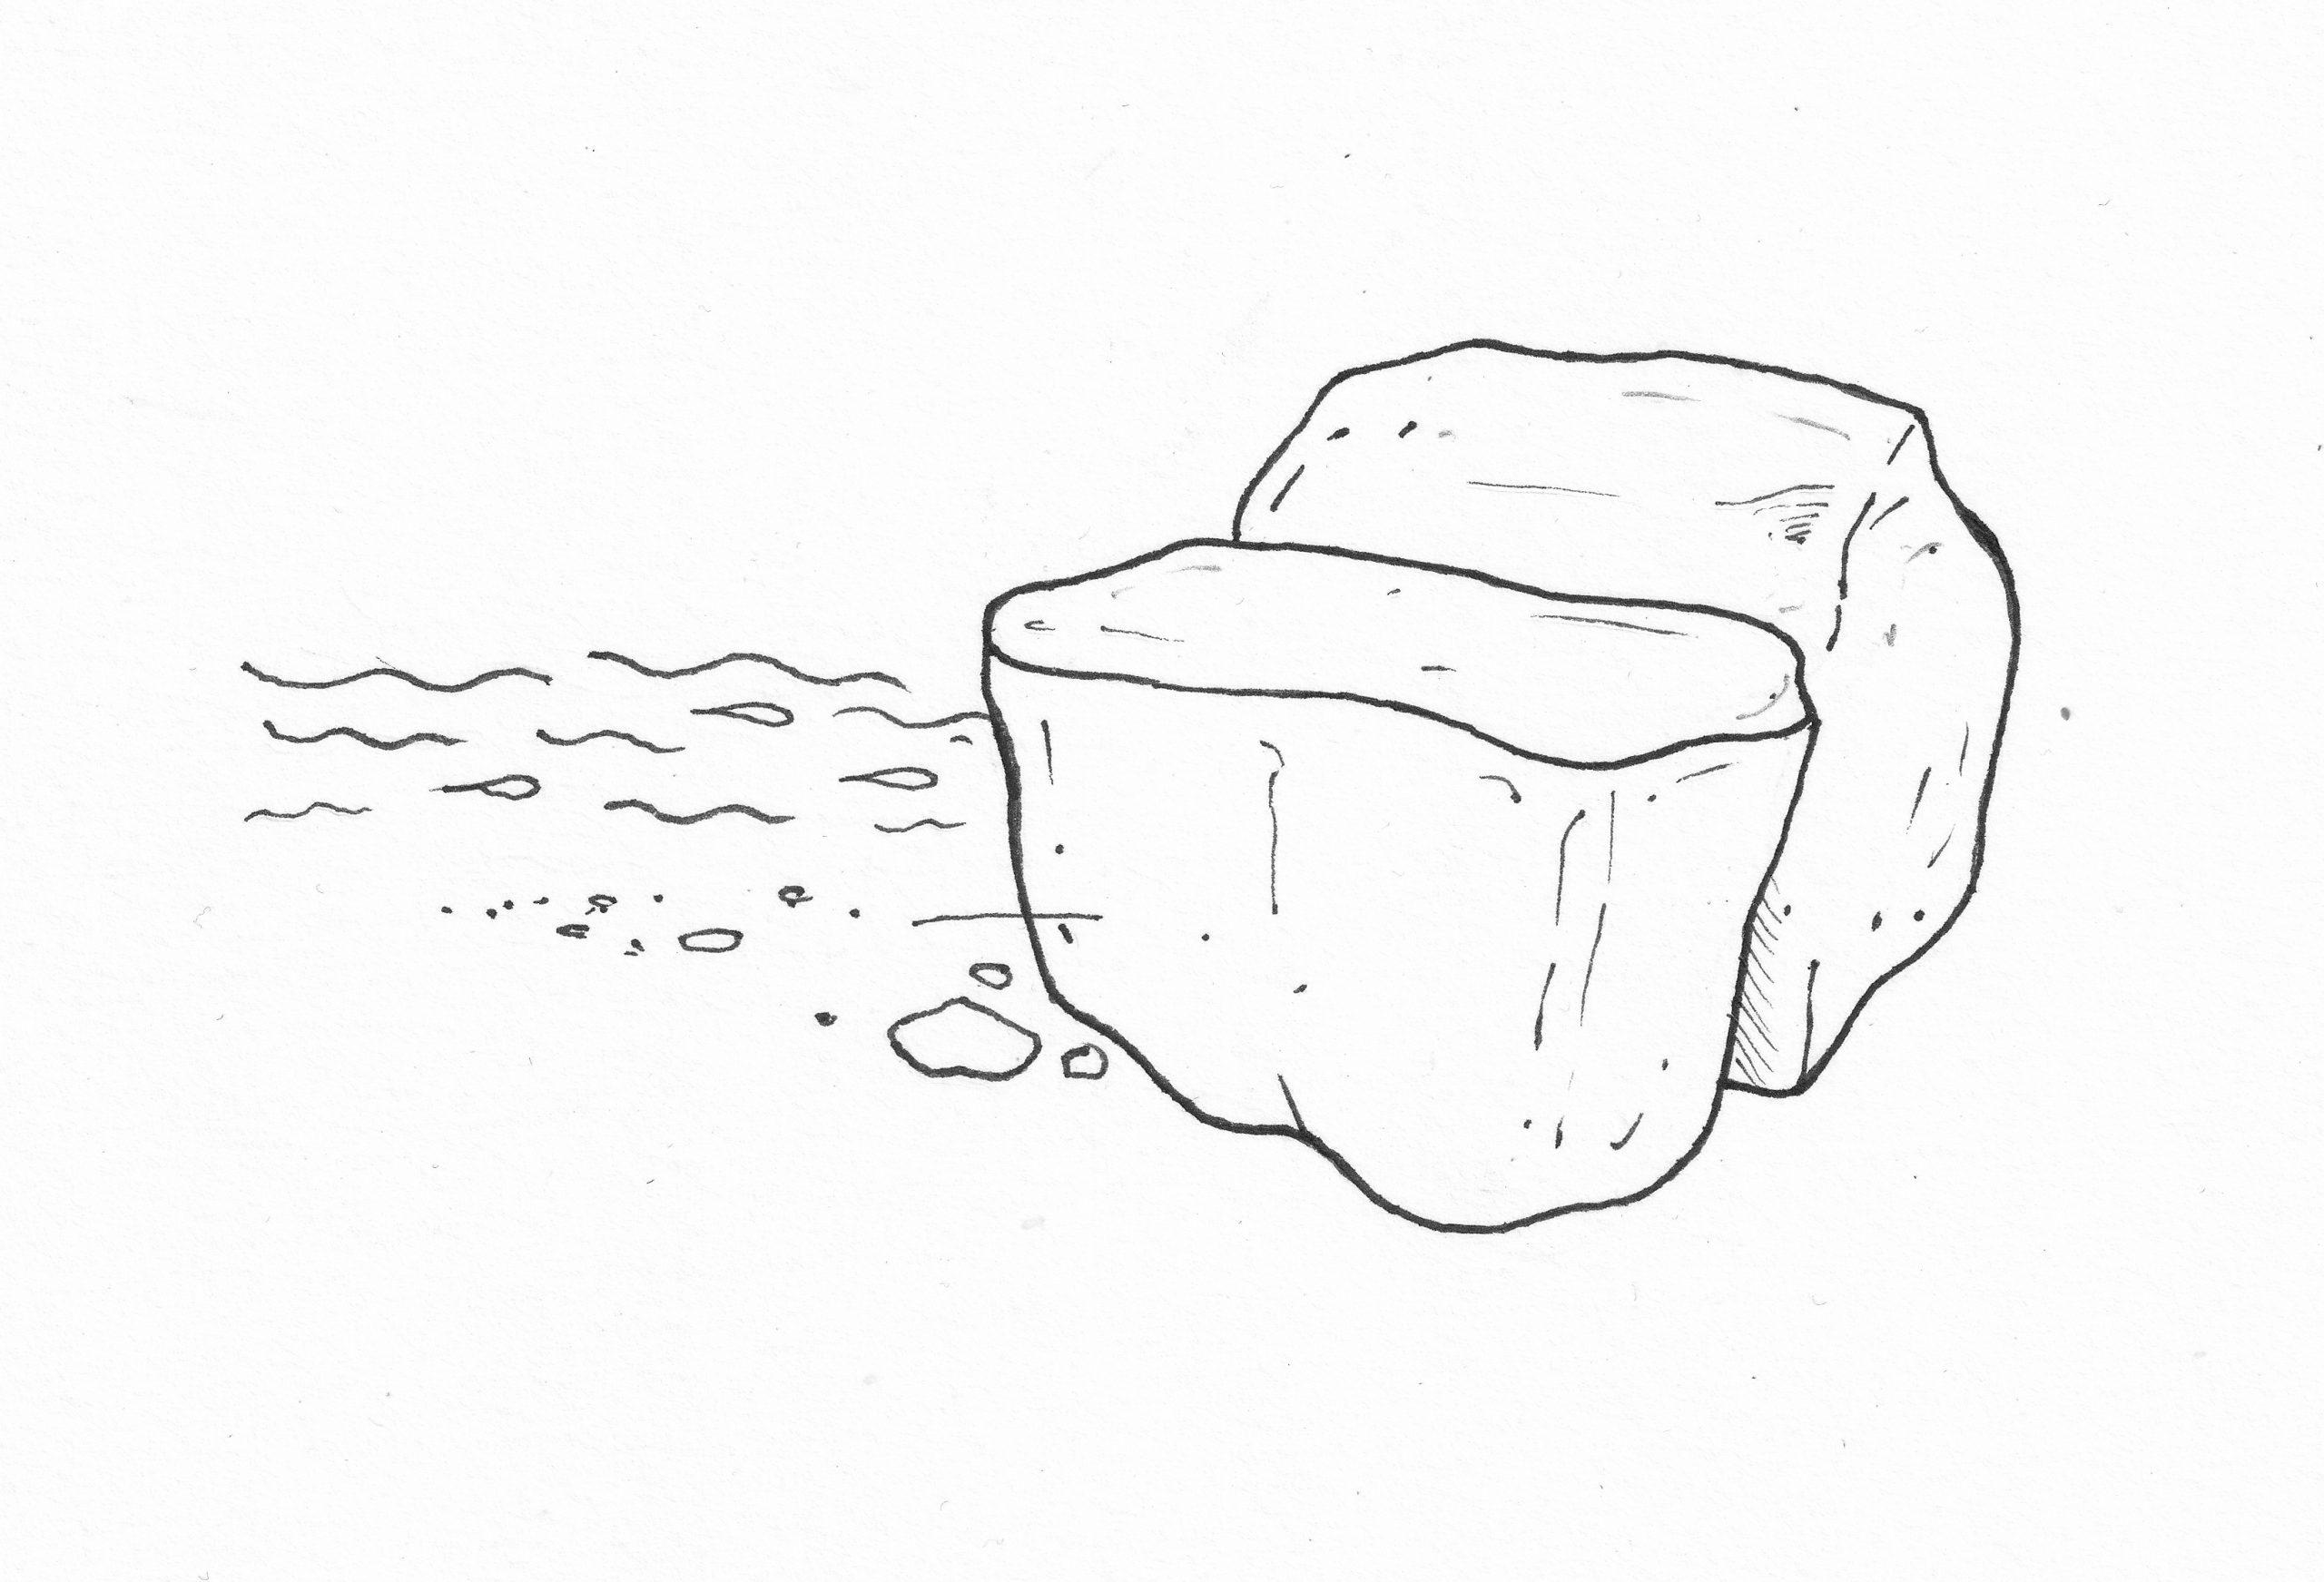 Gæta þarf að yfirborð ræsis sé í vatnshæð